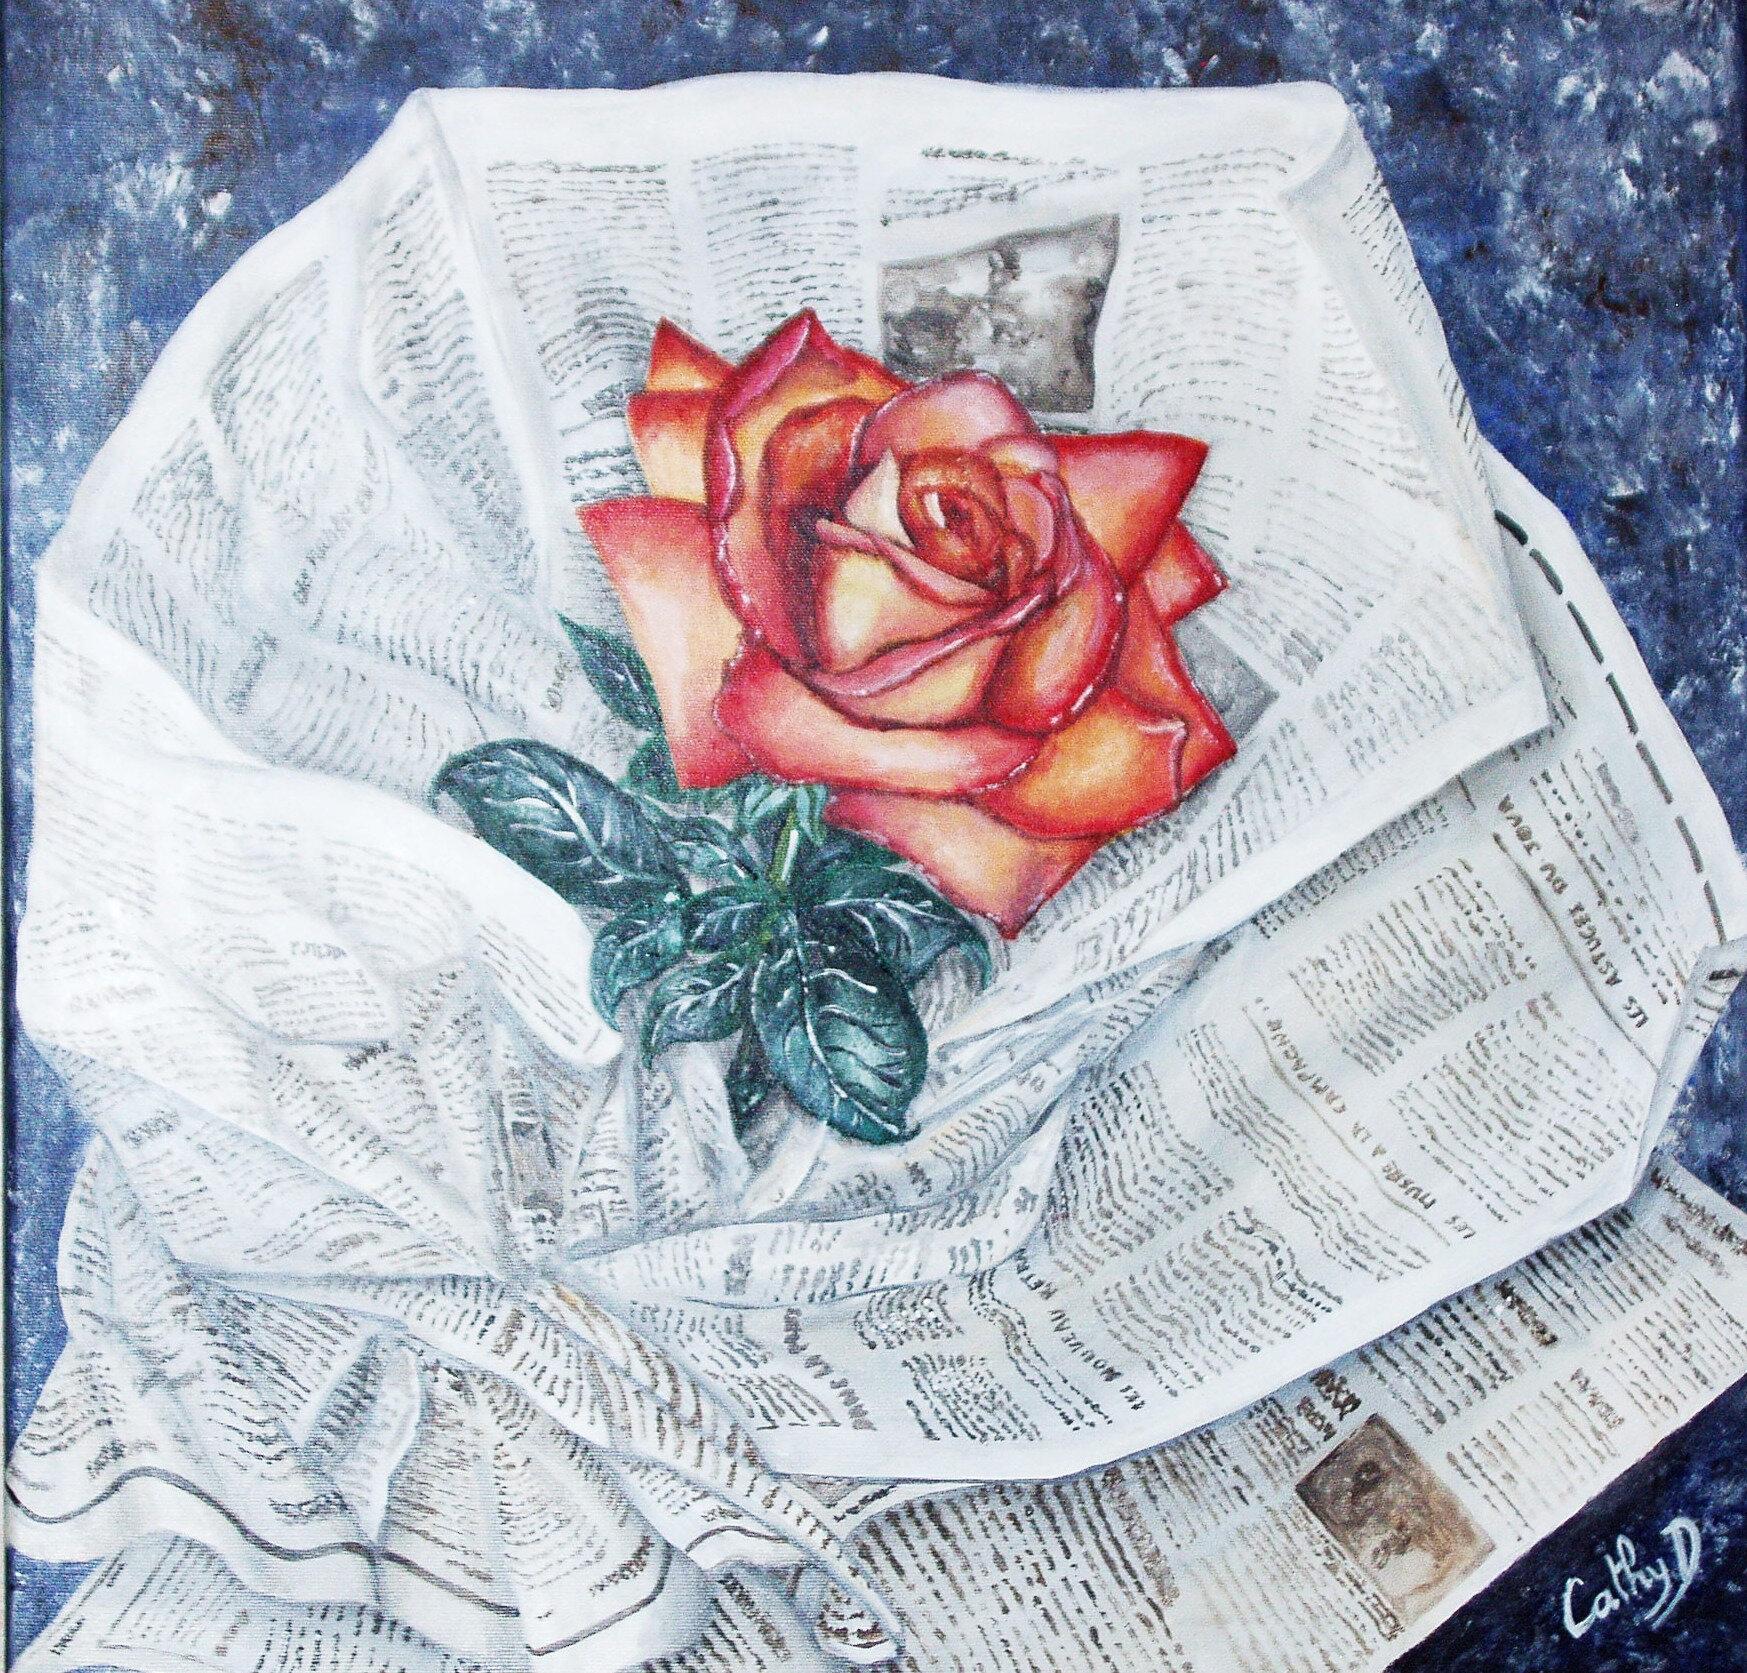 La Peinture Acrylique Sur Toile Les Fleurs Les Petites Peintures De Cathy D